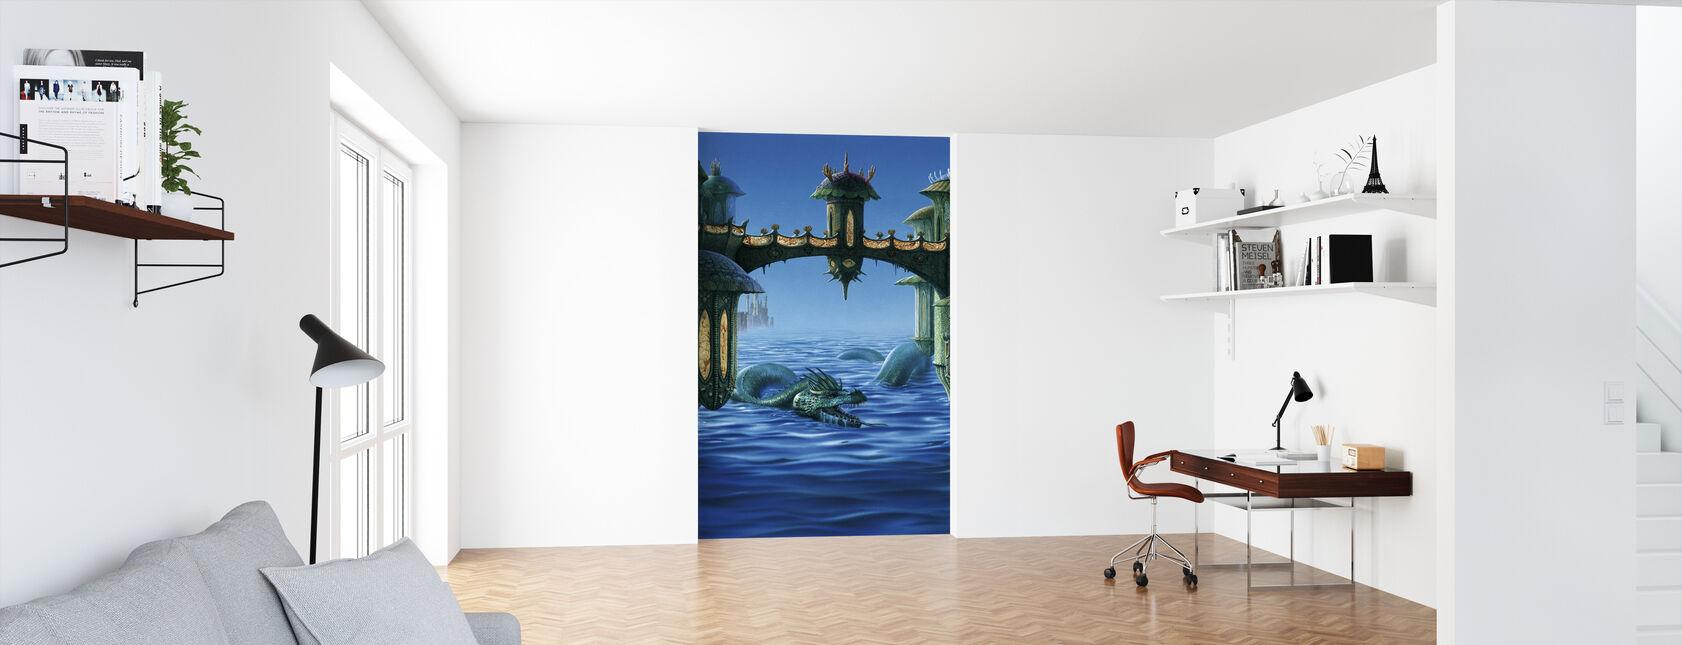 Serp - Wallpaper - Office